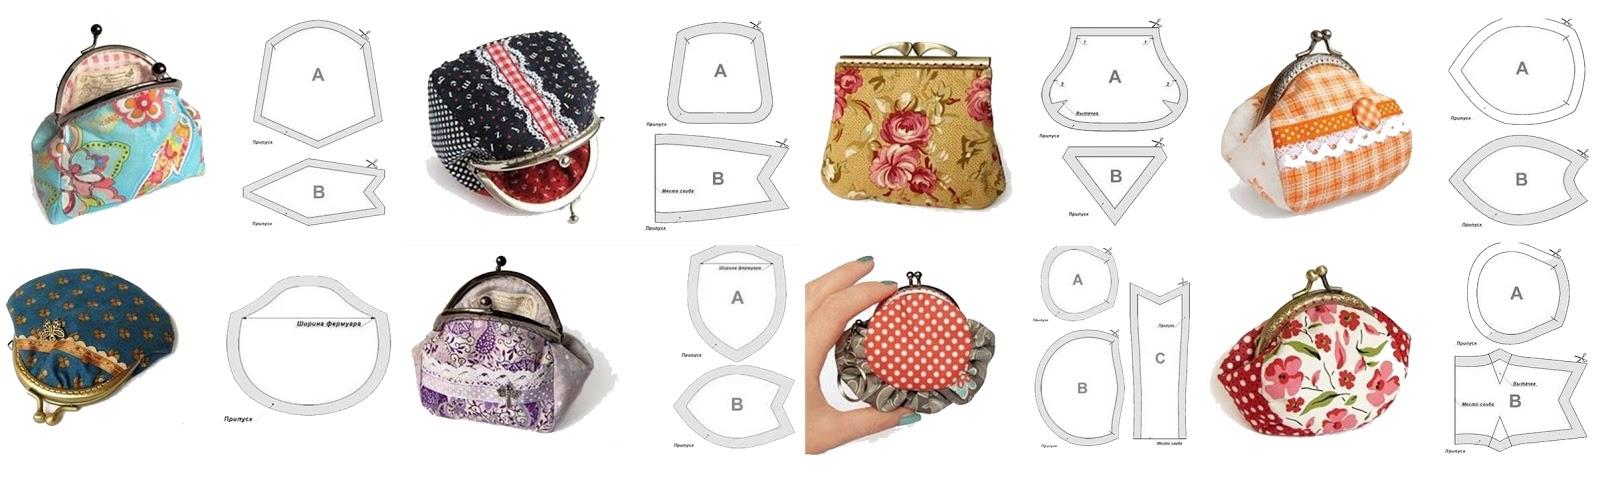 nunonu: 5 Tutoriales para confeccionar monederos